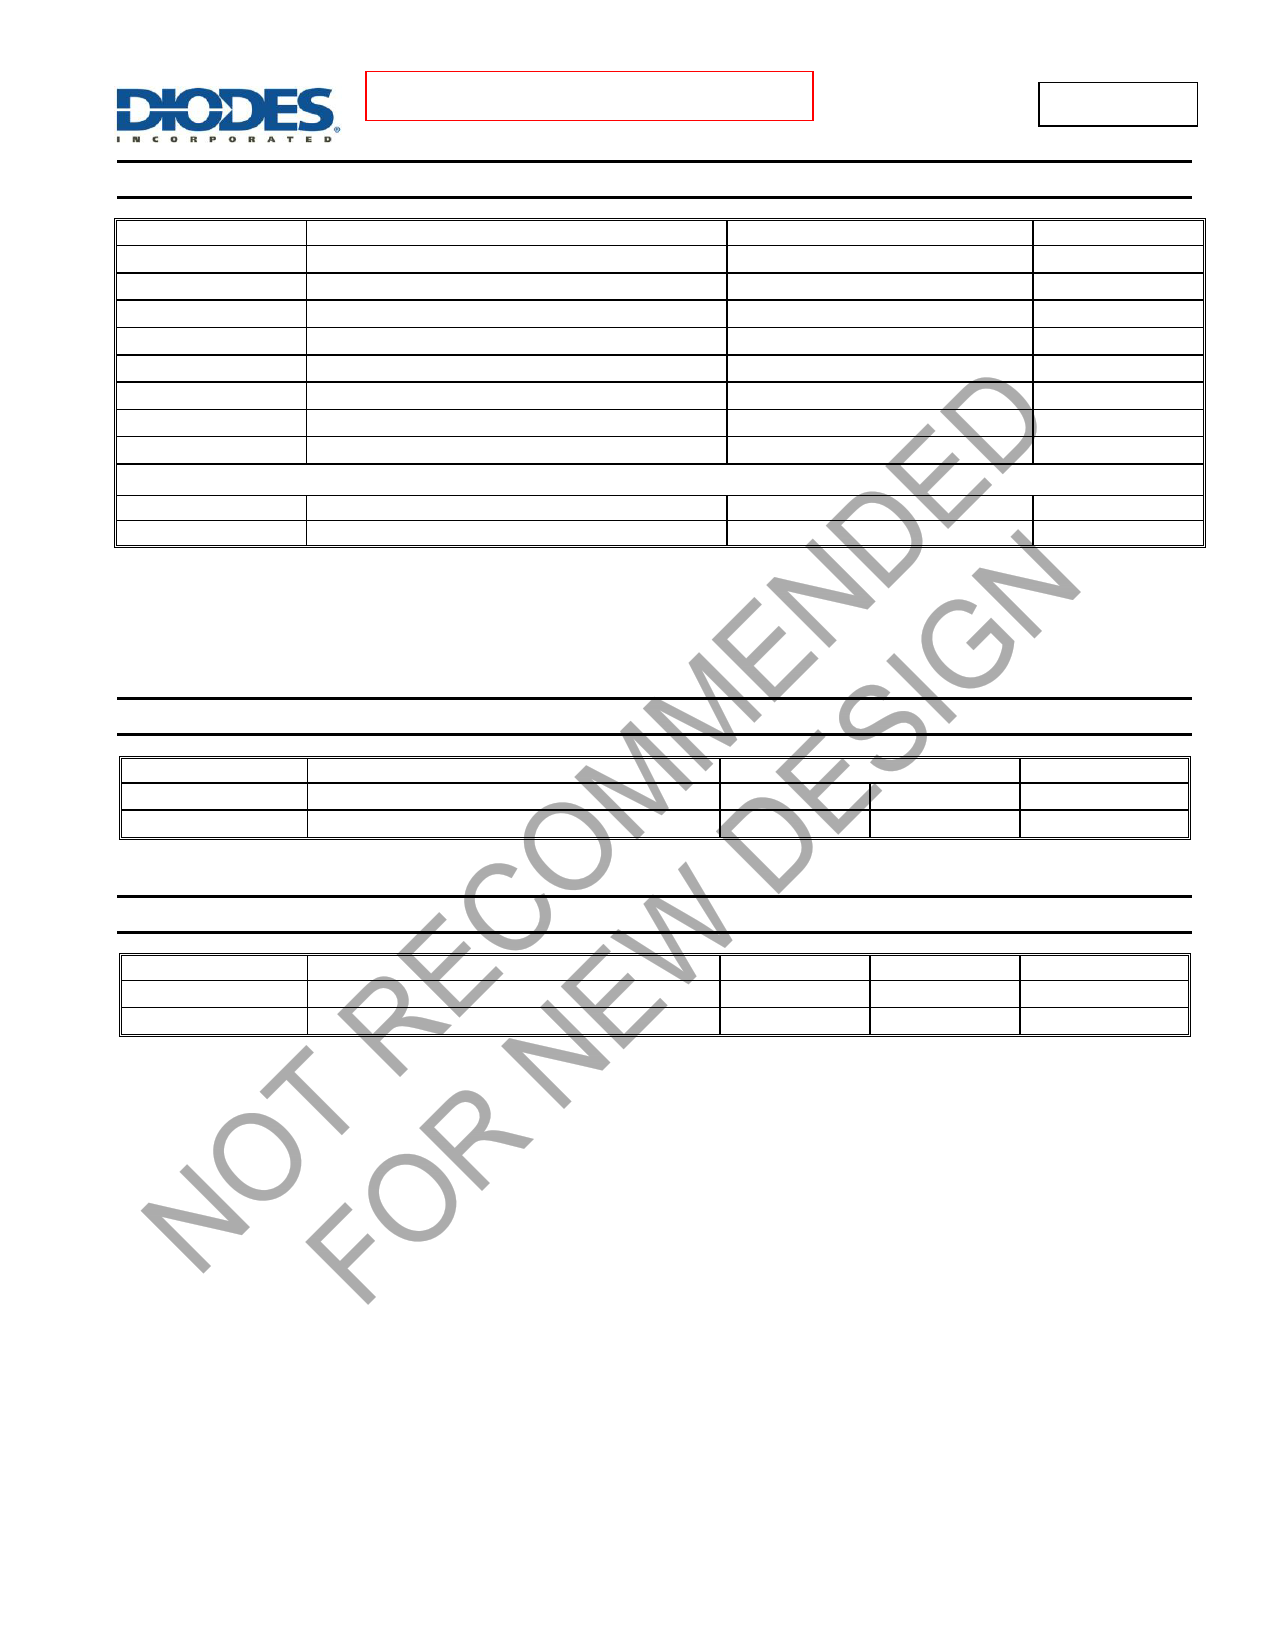 AP65101 pdf, 電子部品, 半導体, ピン配列